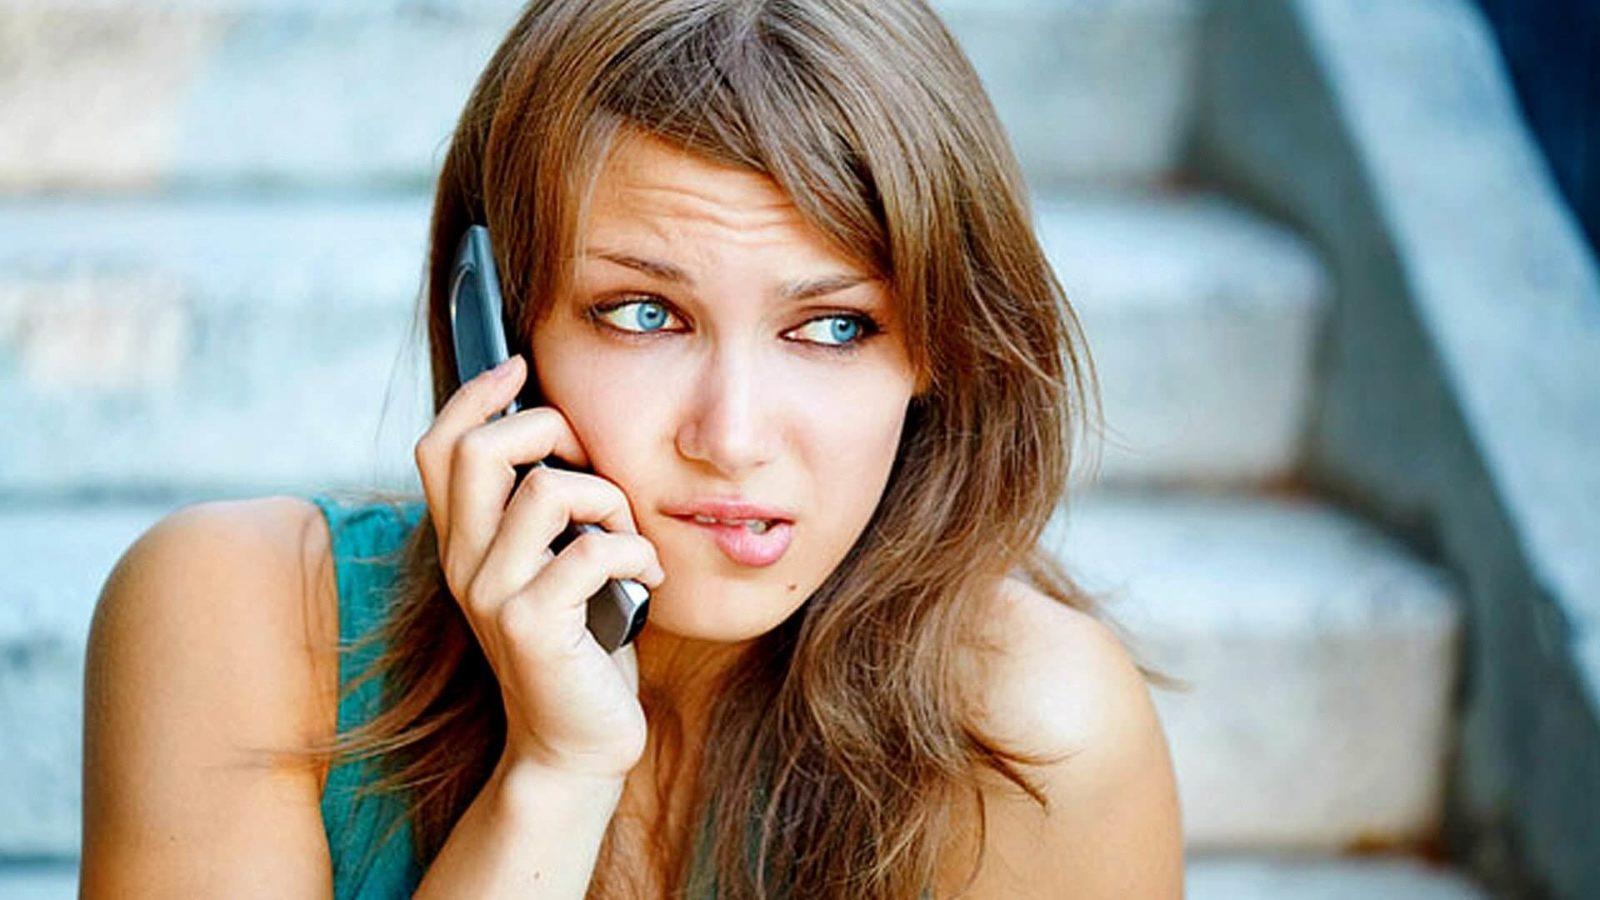 О чем можно поговорить с парнем по телефону